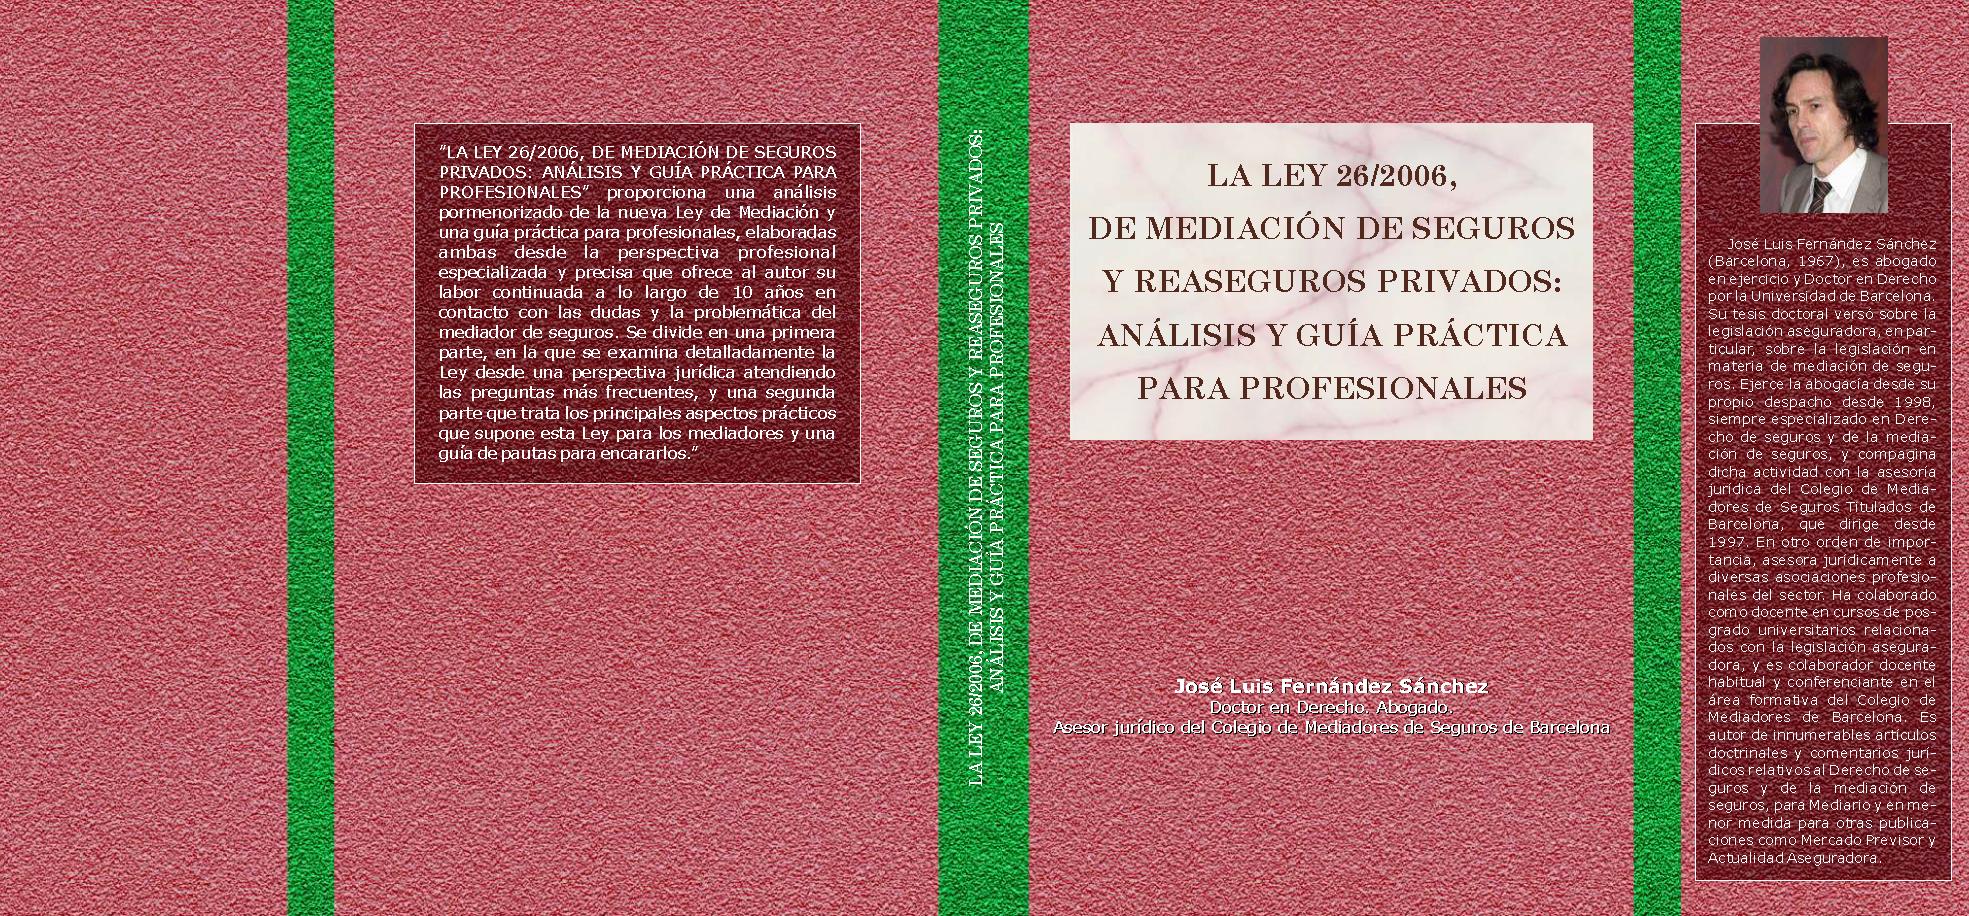 Ley 26/2006